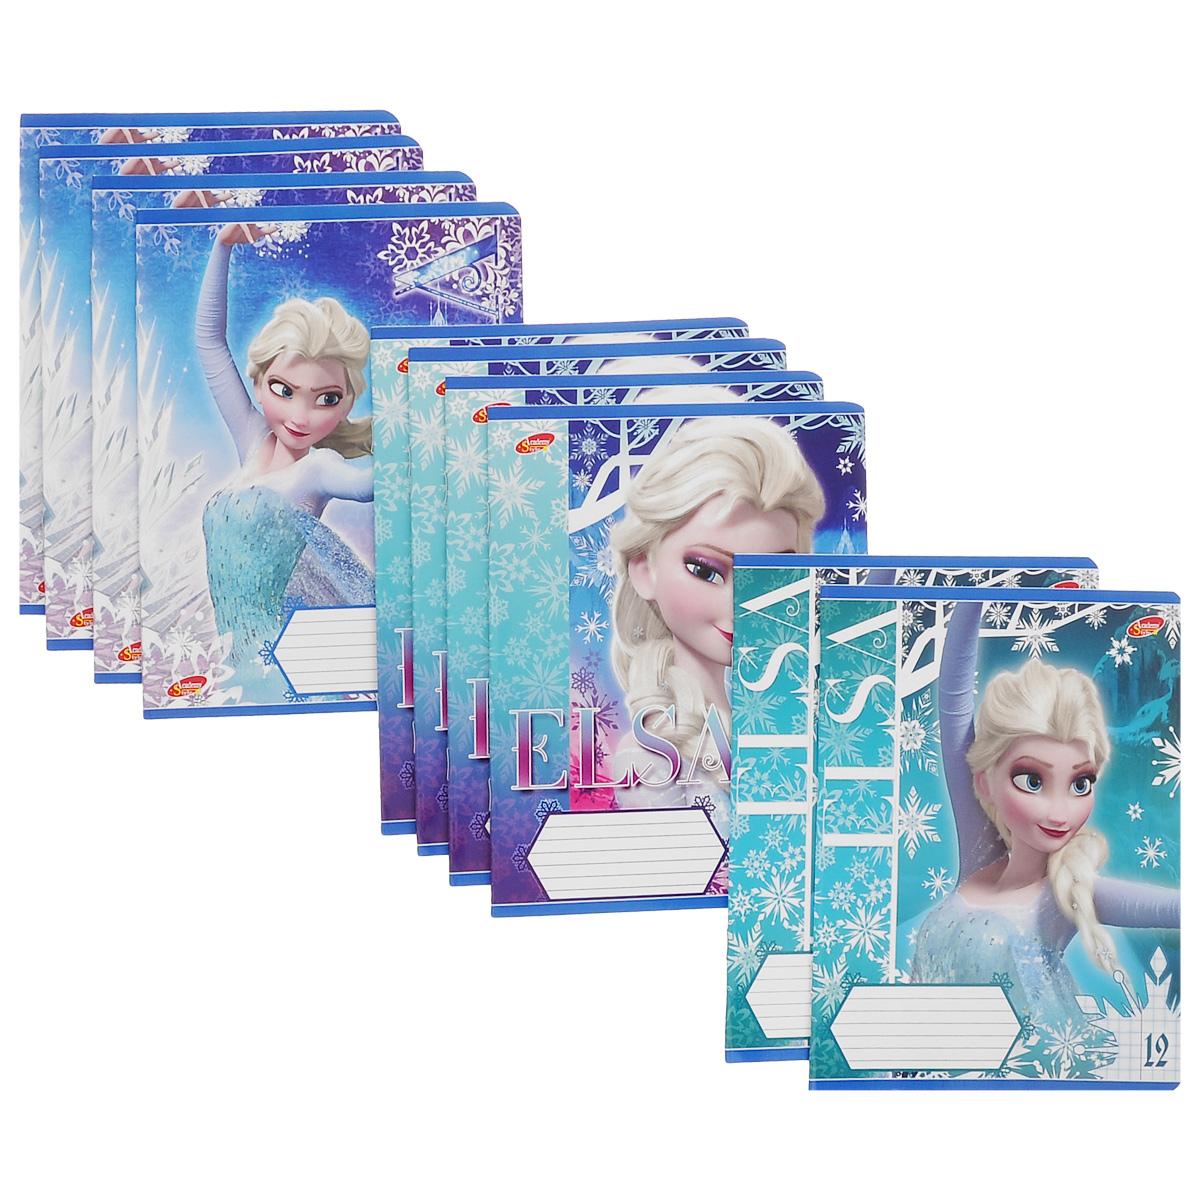 Набор тетрадей в клетку Frozen, цвет: голубой, белый, фиолетовый, 12 листов, 10 шт. D3624/5D3624/5_Вид 1Комплект тетрадей Frozen включает в себя 10 тетрадей в линейку по 12 листов. Обложка каждой тетради оформлена изображением диснеевской принцессы Эльзы. На задней обложке каждой тетради представлена таблица умножения. Внутренний блок тетрадей состоит из 12 листов белой бумаги, соединенных скрепками. Стандартная линовка в клетку дополнена полями, совпадающими с лицевой и оборотной стороны листа. В наборе представлены тетради с тремя вариантами изображений обложек.